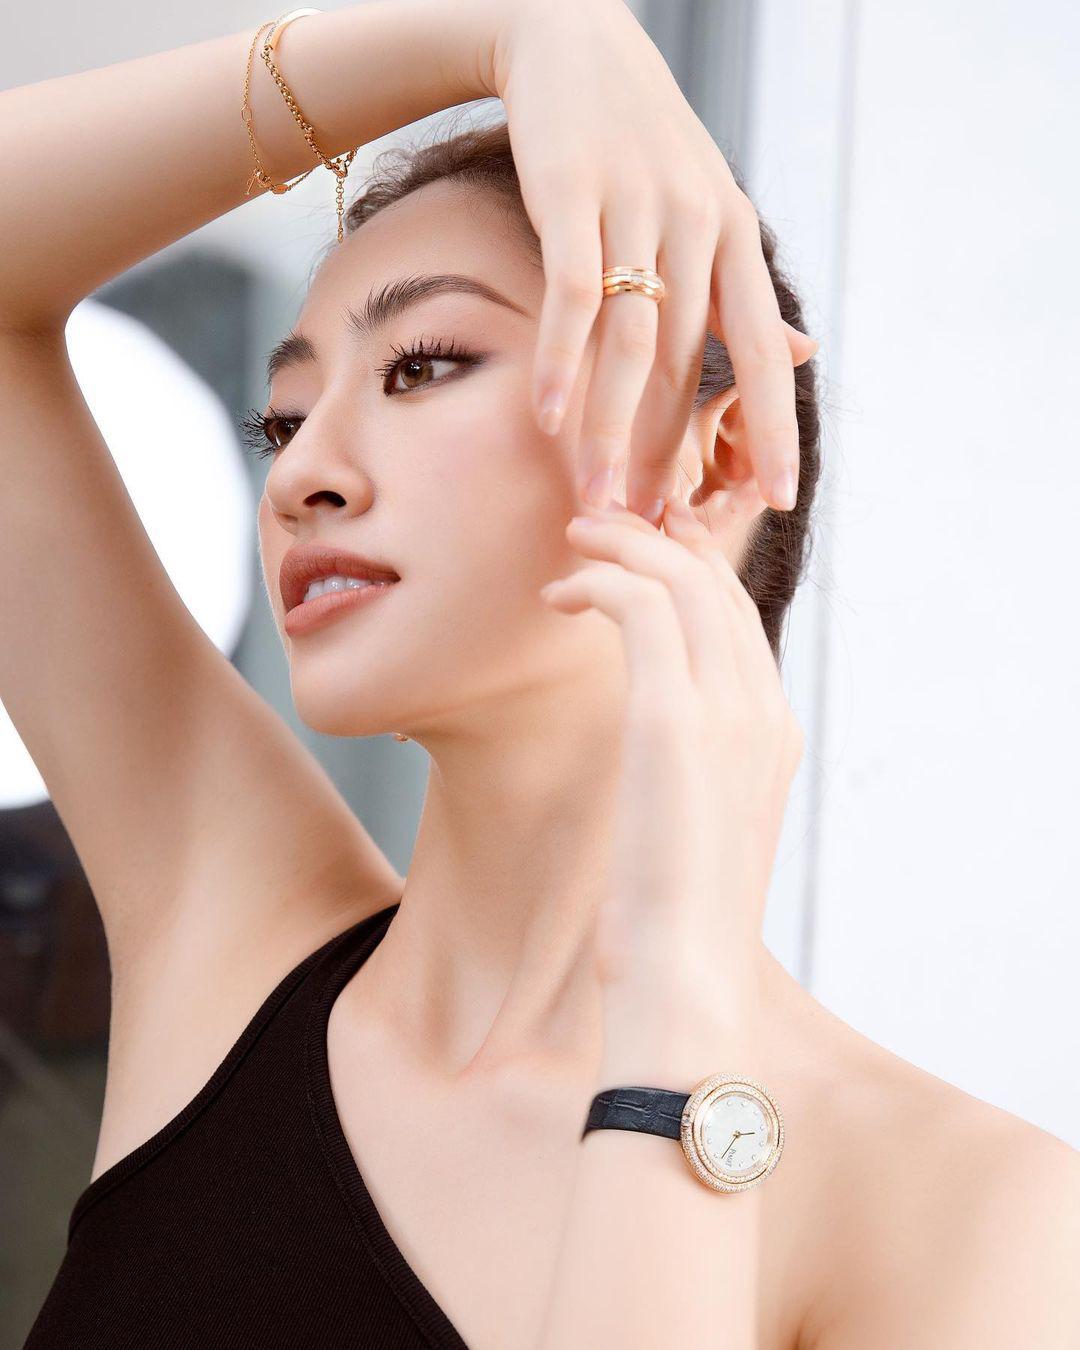 Dàn mỹ nhân Việt liên tục đụng hàng trang sức tiền tỷ của Piaget - Ảnh 1.